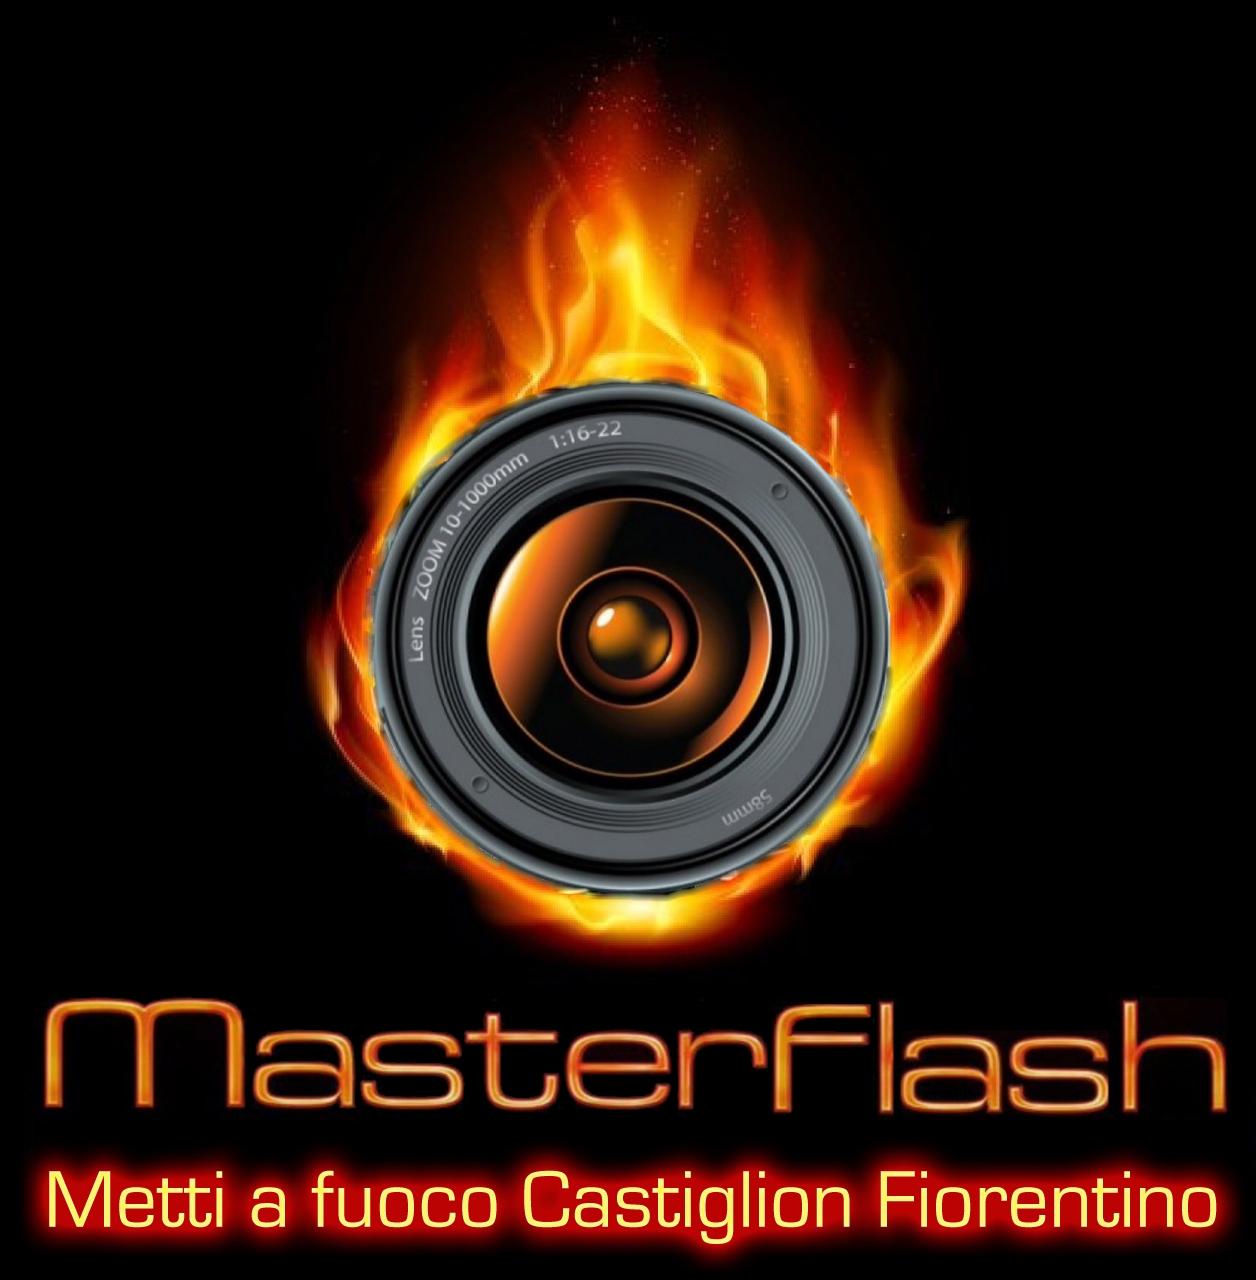 'Masterflash, metti a fuoco Castiglion Fiorentino', concorso su Facebook promosso da Obiettivo comune